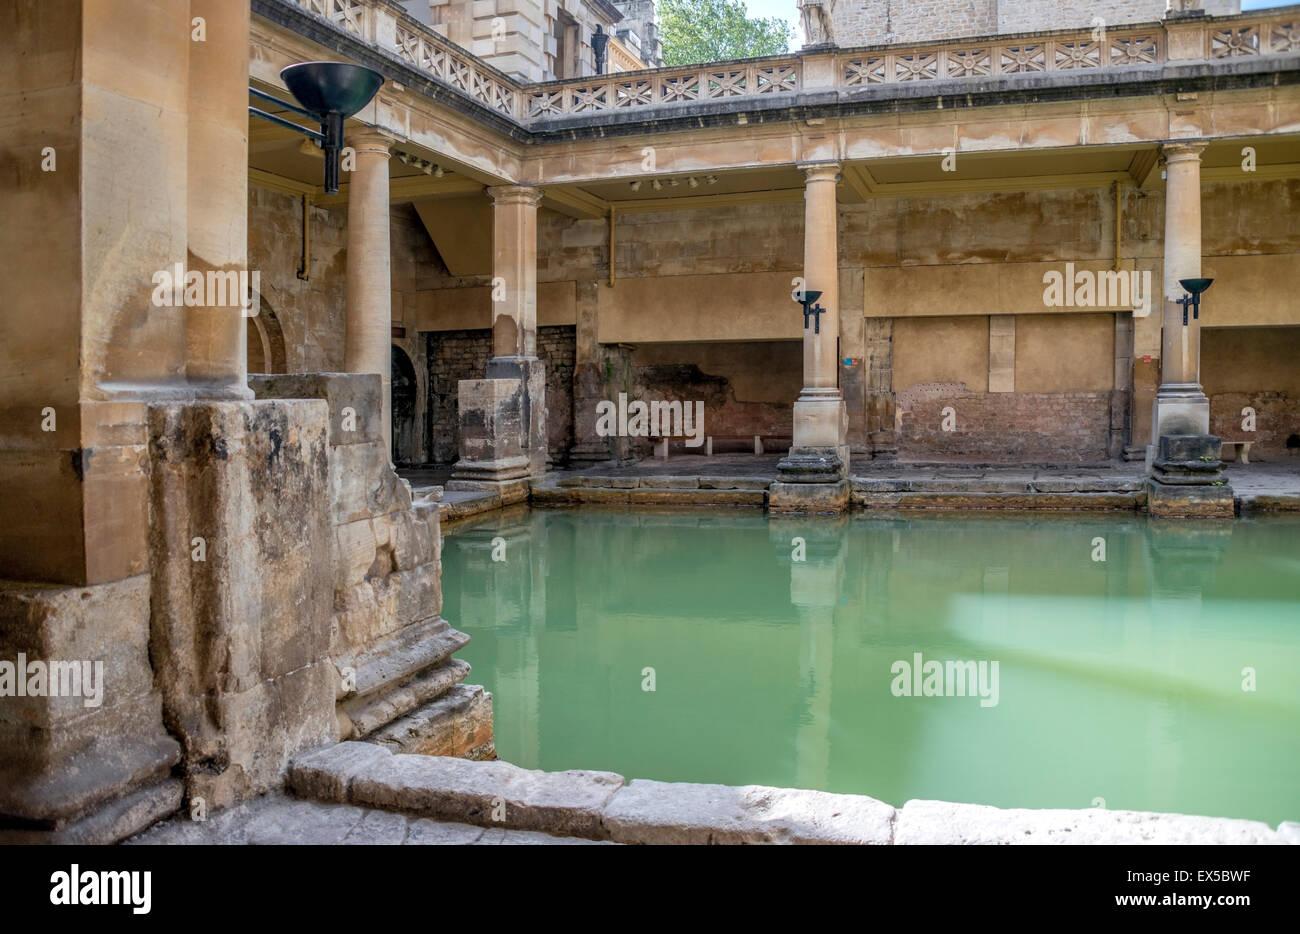 Vasca Da Bagno In Inglese : La grande vasca da bagno di bagni romani complessa un sito di